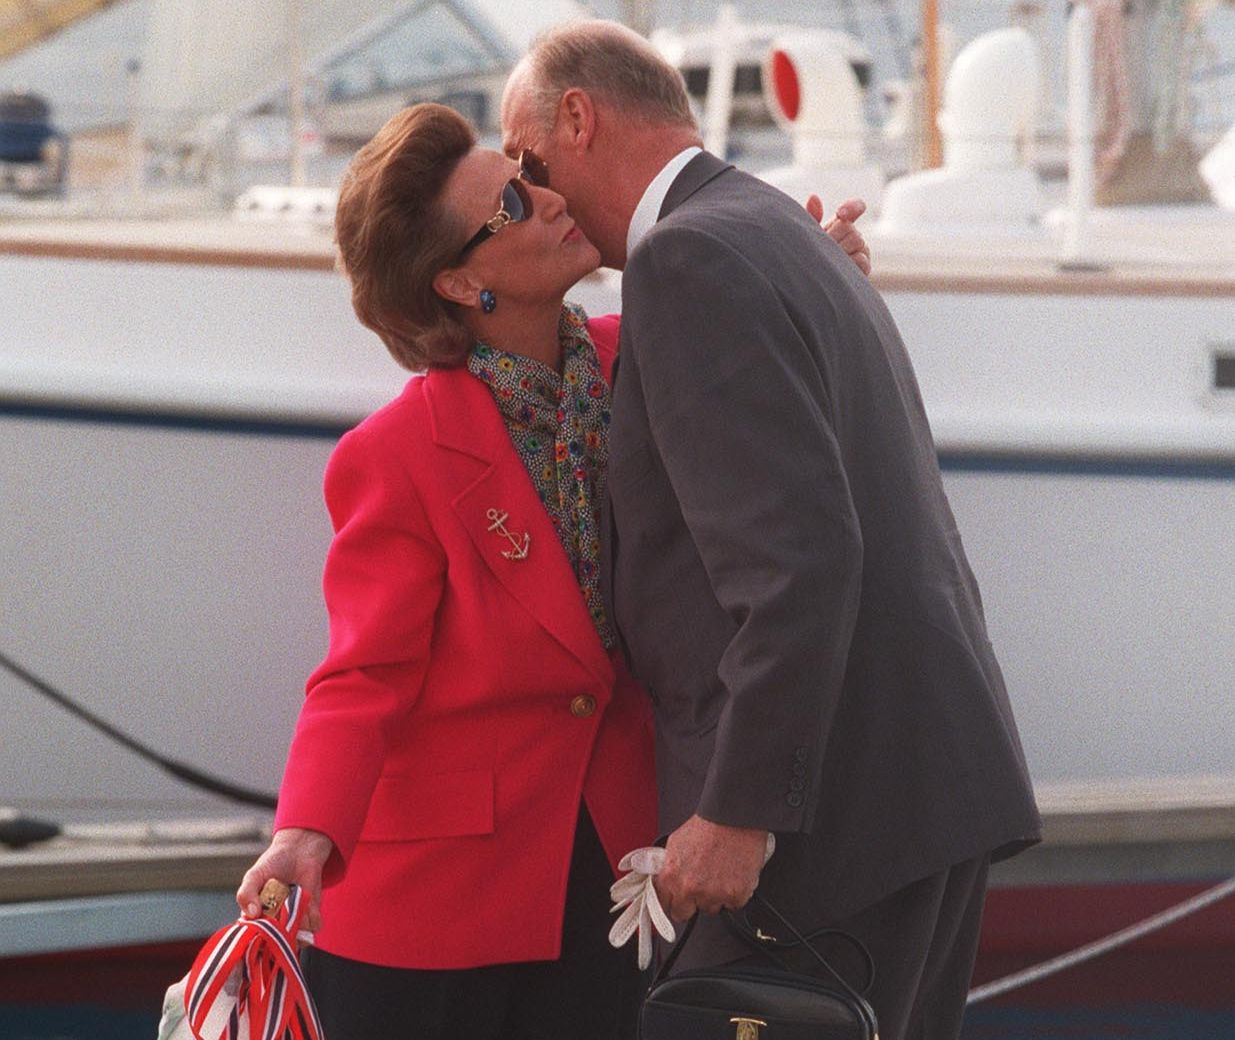 KJÆRLIG ØYEBLIKK:  Dronning Sonja ble belønnet med et kyss på hvert kinn etter å ha døpt kongens nye båt «Fram XIV». Båten var en gave fra norsk næringsliv til kong Haralds 60-årsdag.